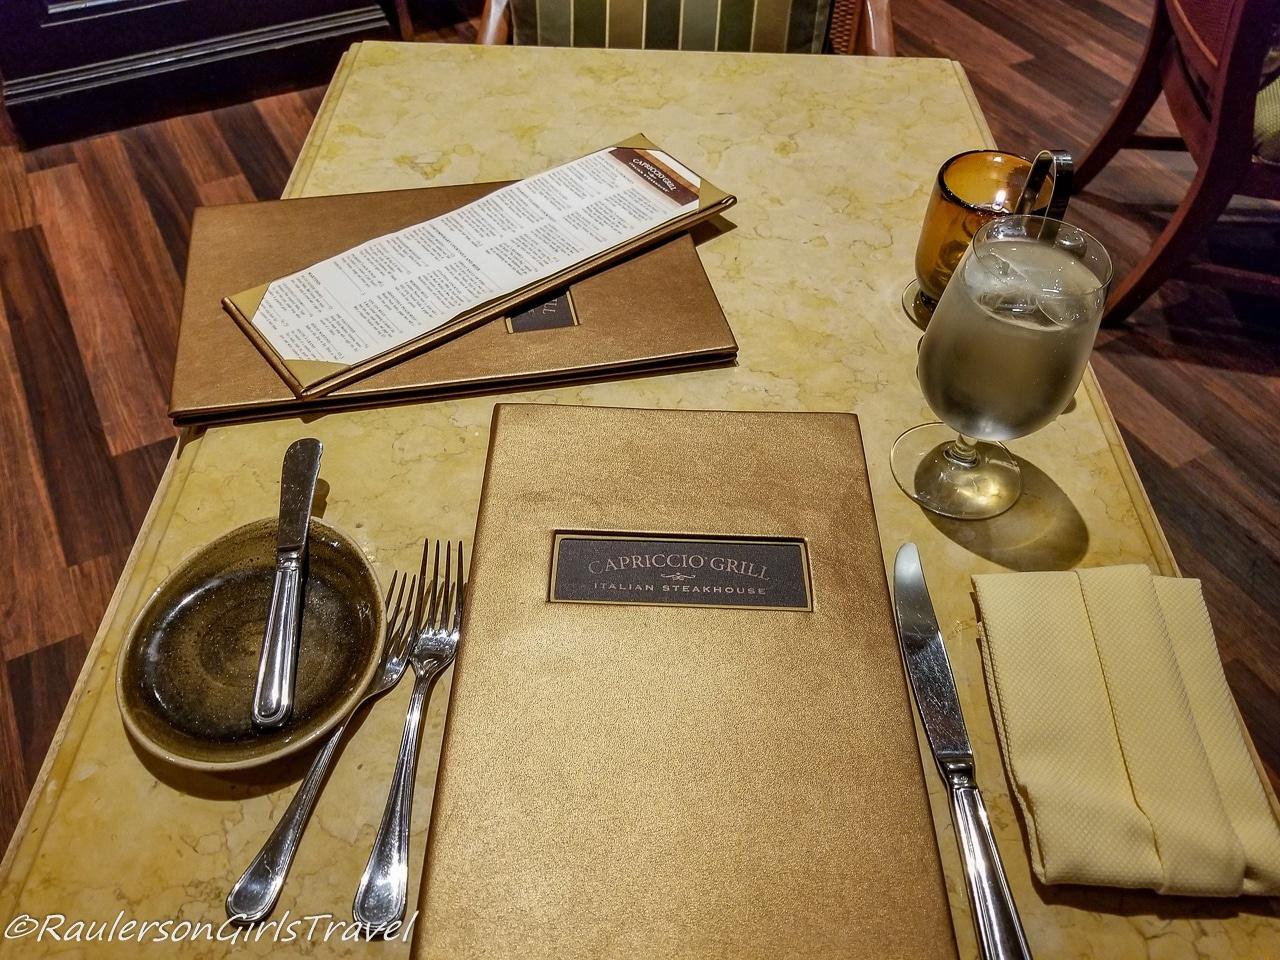 Capriccio Grill in the Peabody Hotel in Memphis